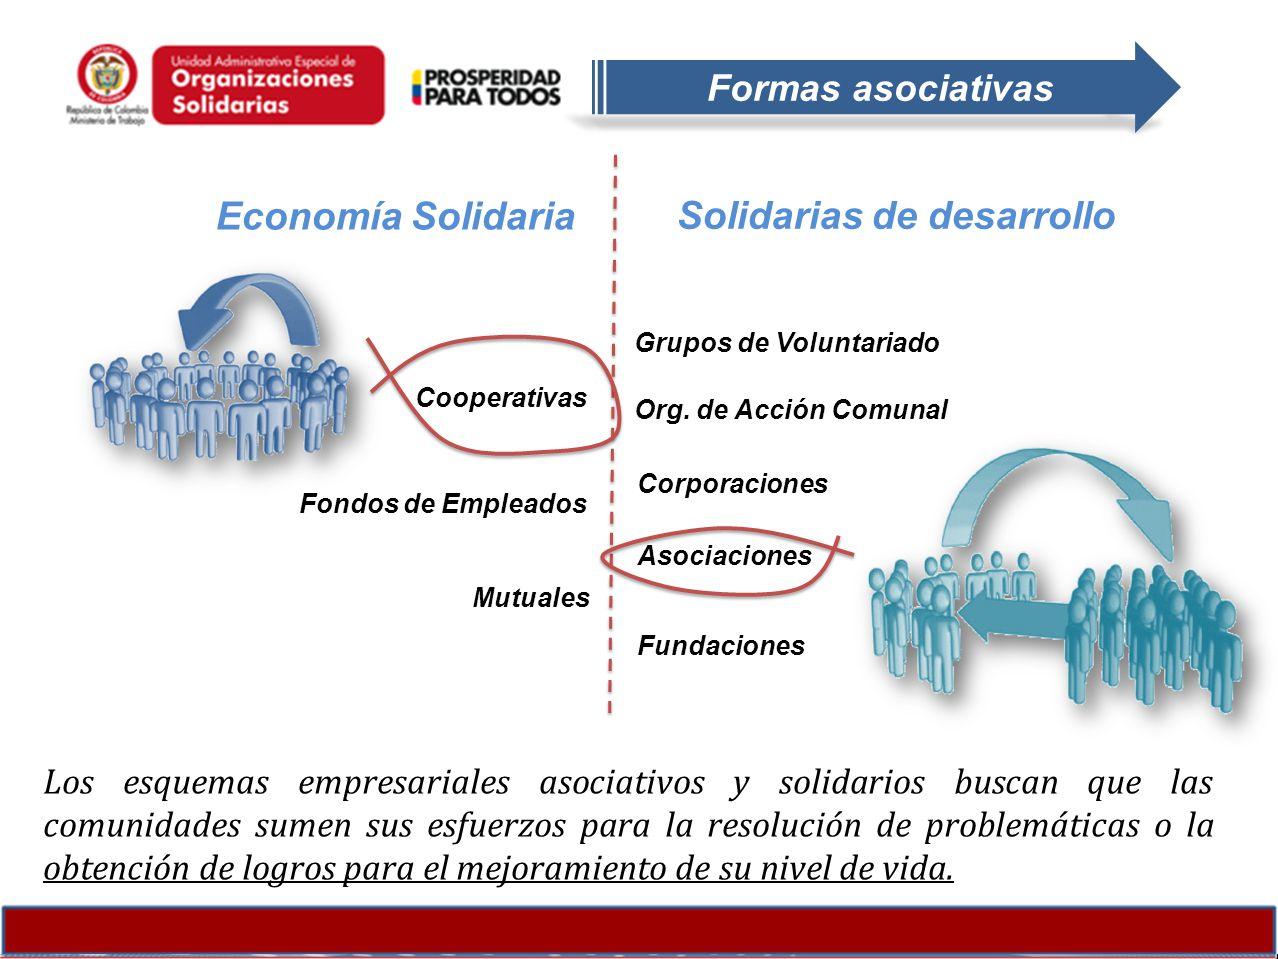 Solidarias de desarrollo